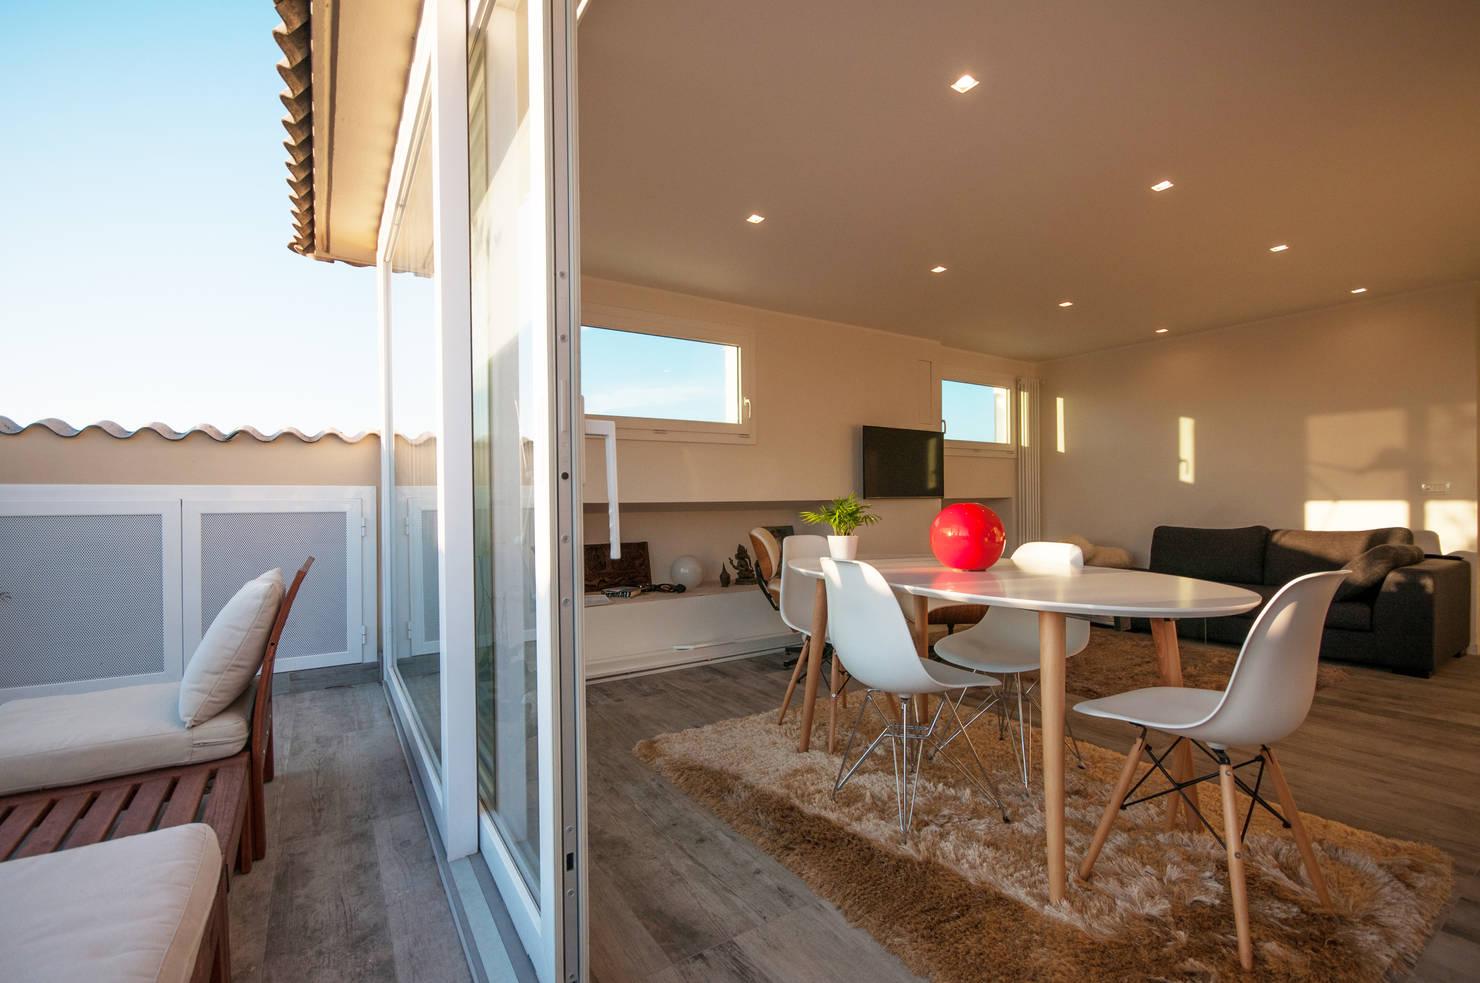 15평 집은 작지 않다. 당신의 평수 개념을 바꿔 줄 아파트